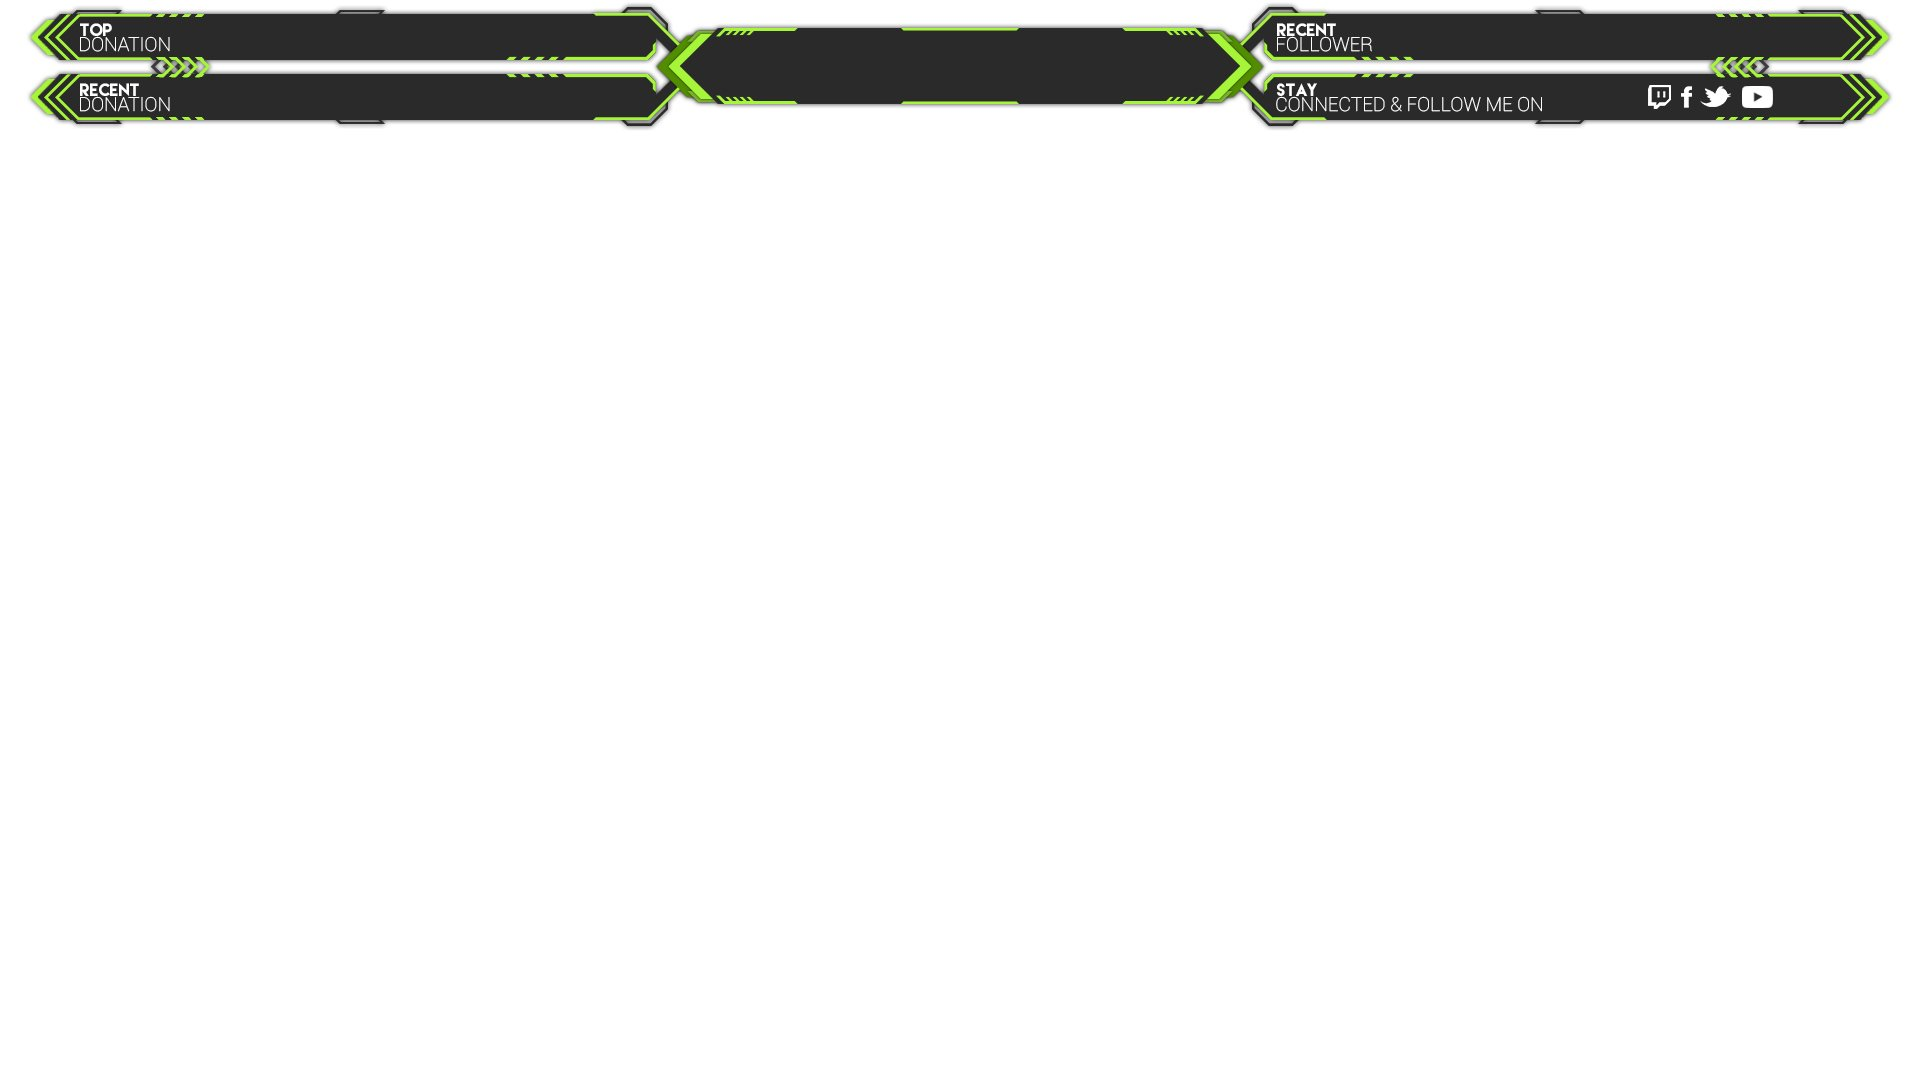 H1Z1 overlay